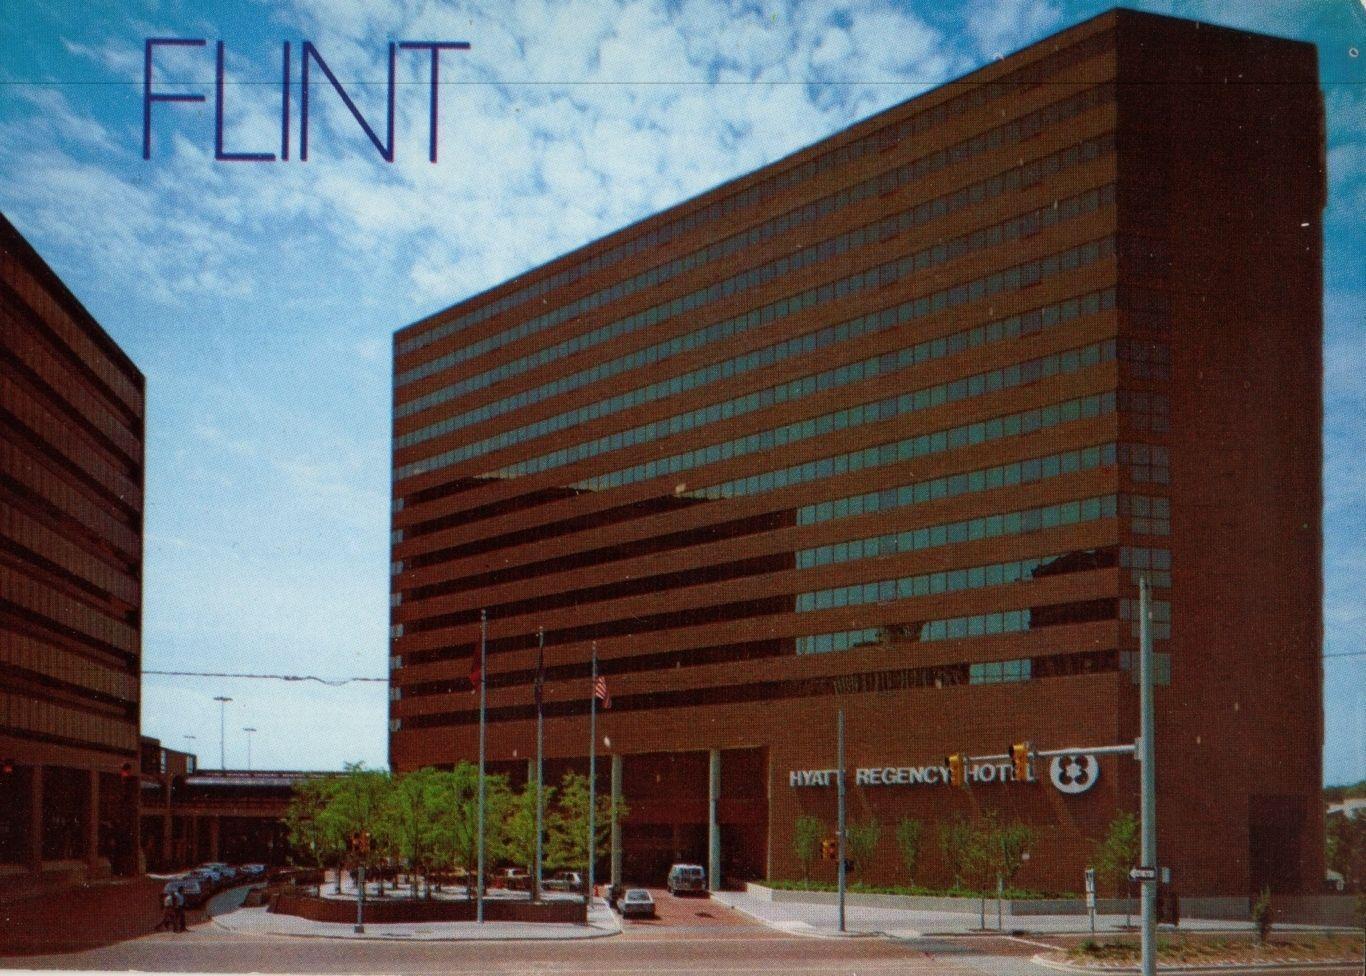 Hyatt Regency Hotel Flint MI | eBay | Novel Images | Pinterest ...